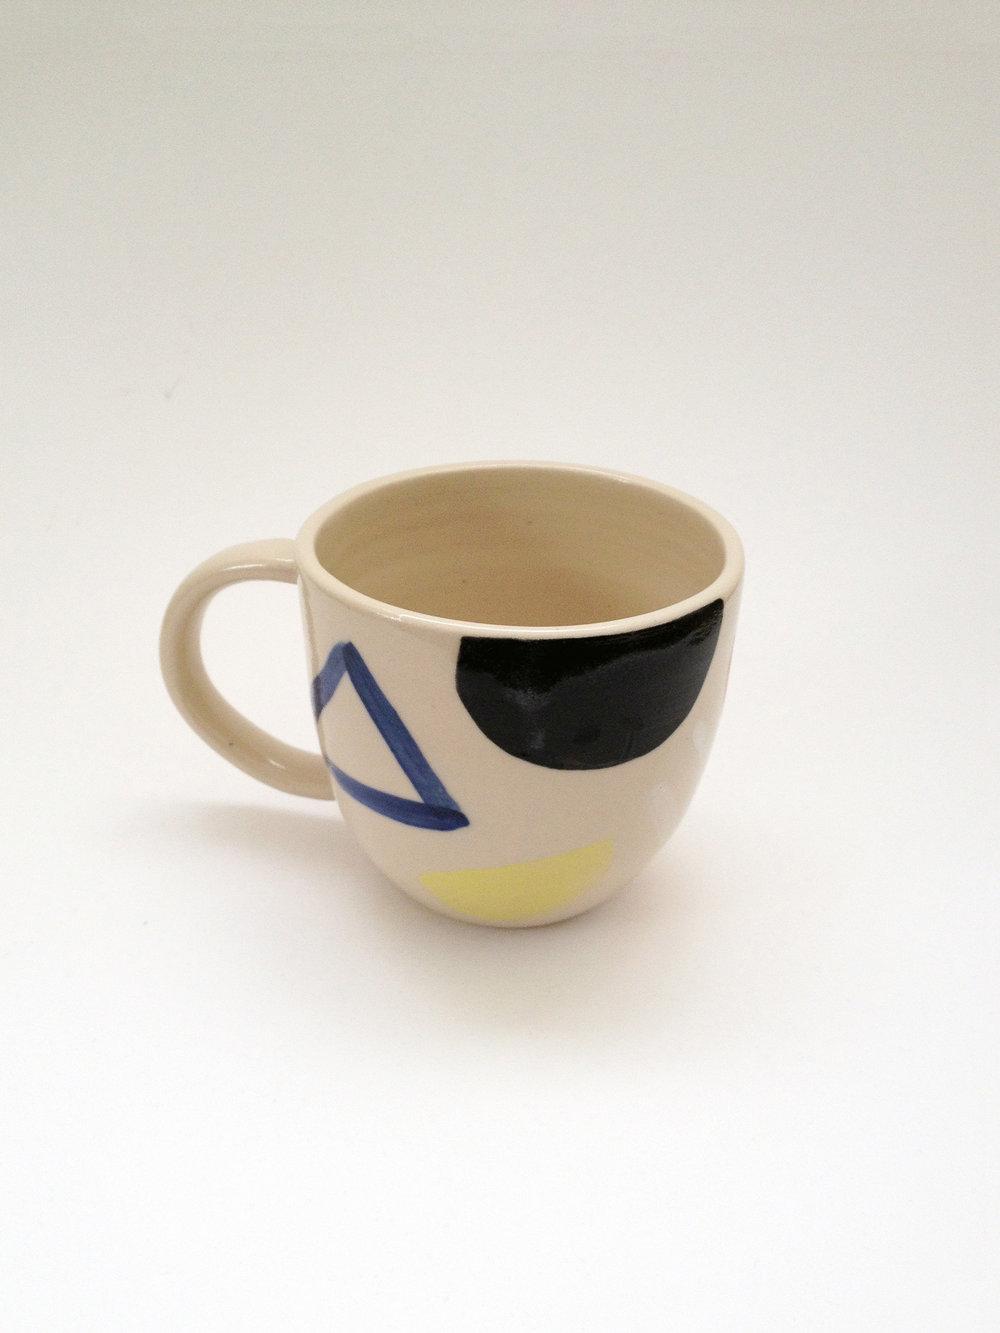 14-mug-shp-01.jpg